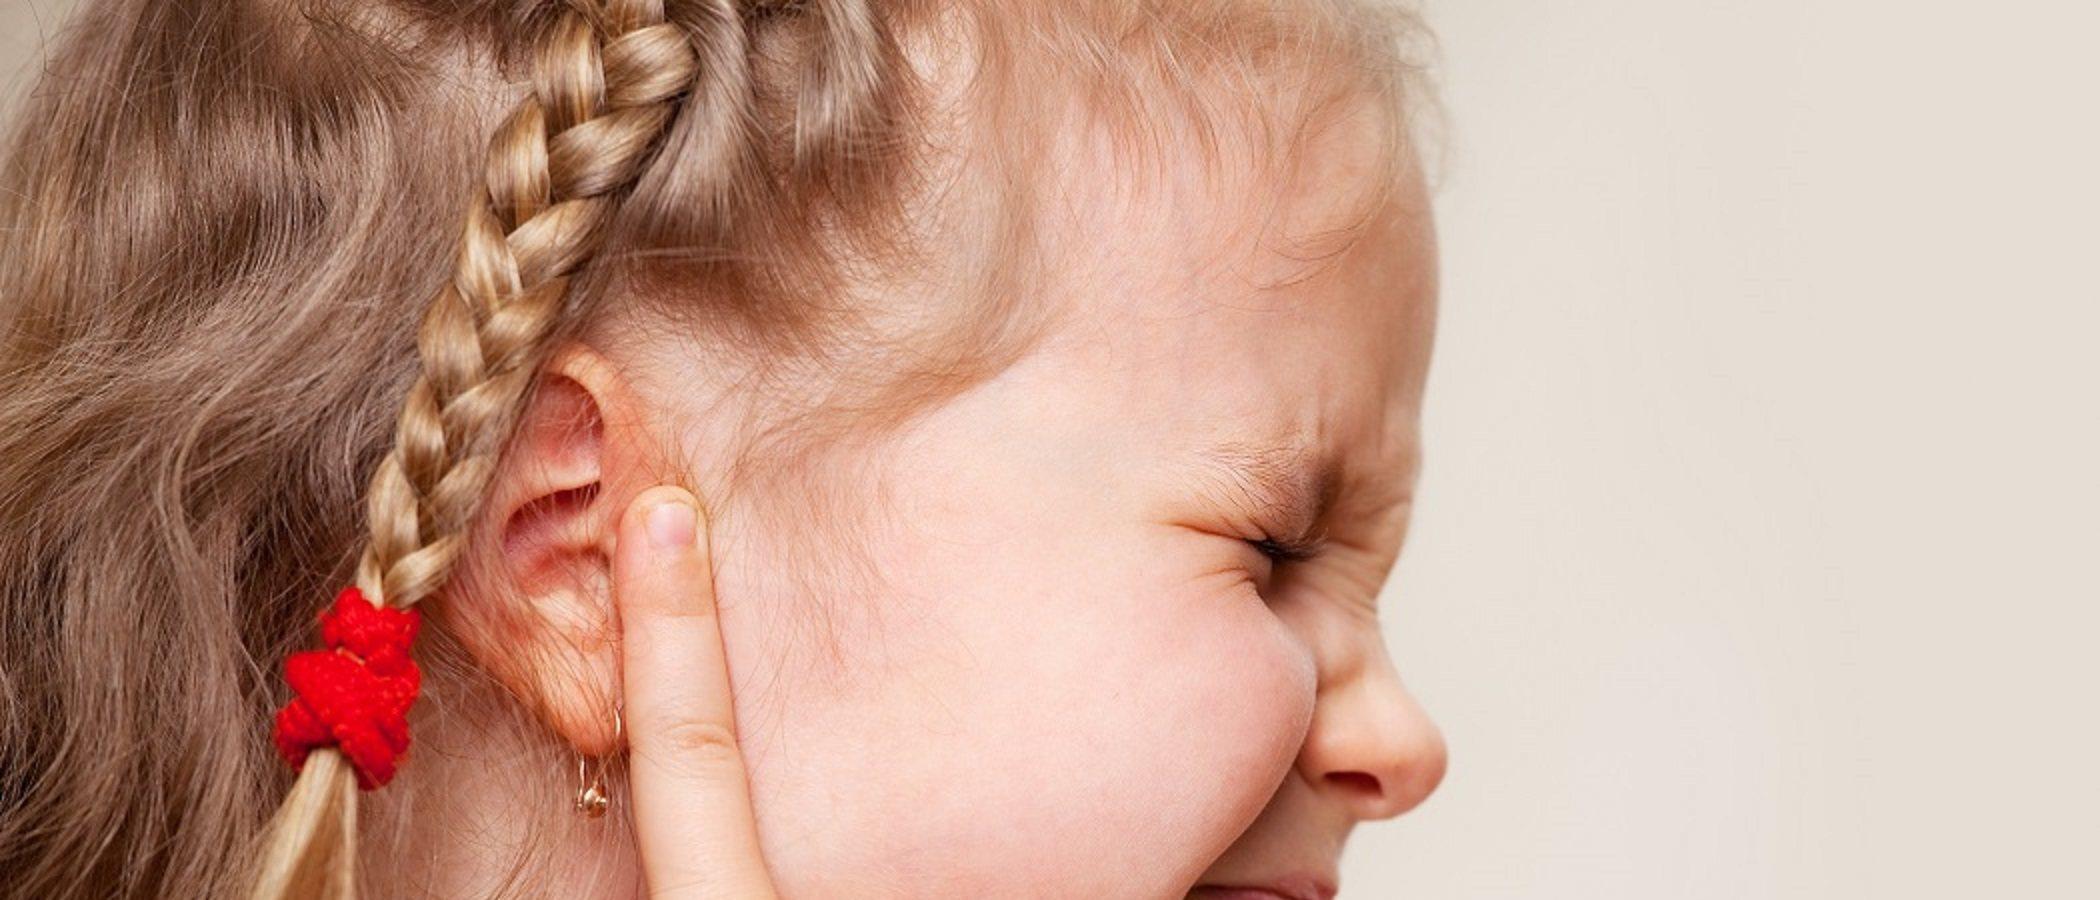 Infección de oído y equilibrio en niños pequeños